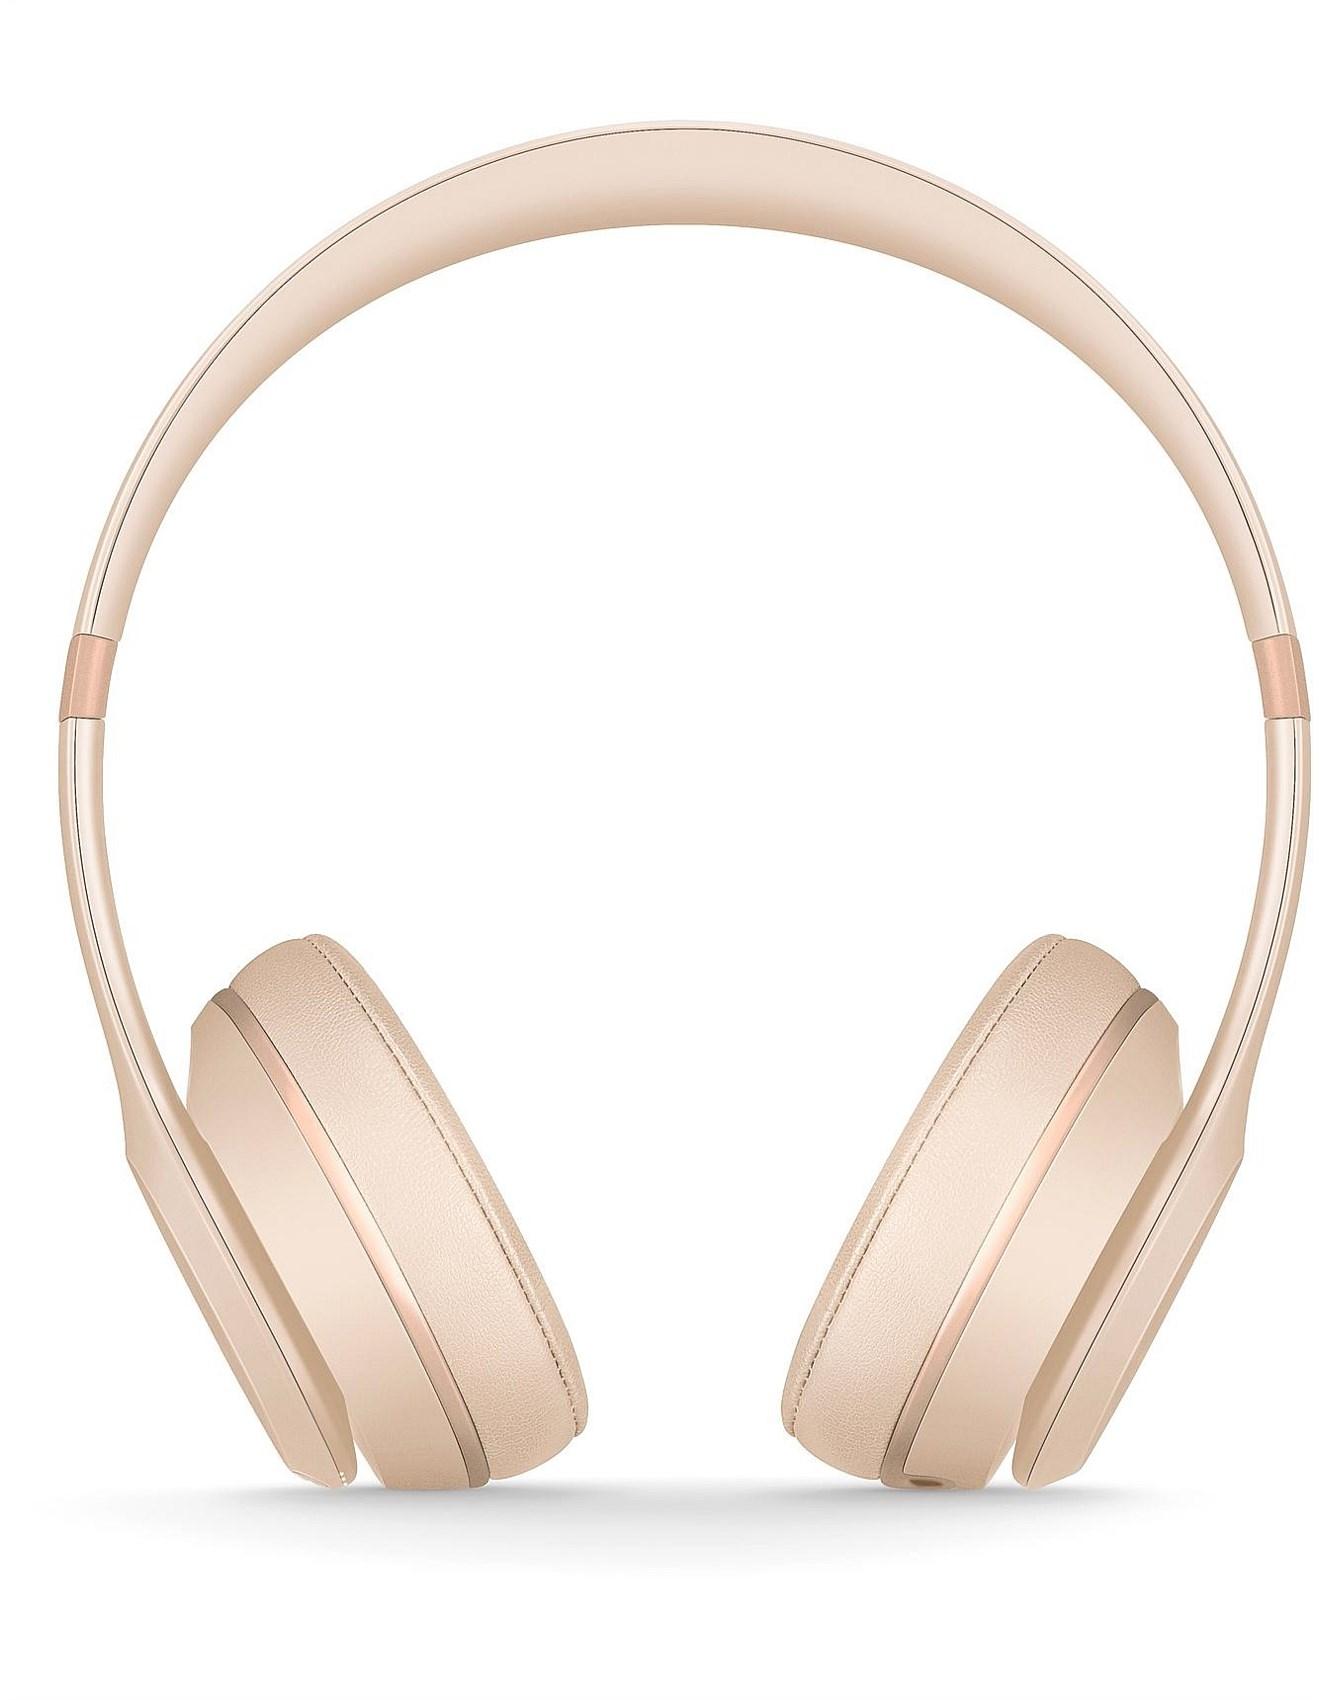 BEATS SOLO3 WIRELESS ON-EAR HEADPHONES - MATTE GOLD 5193f2ce75